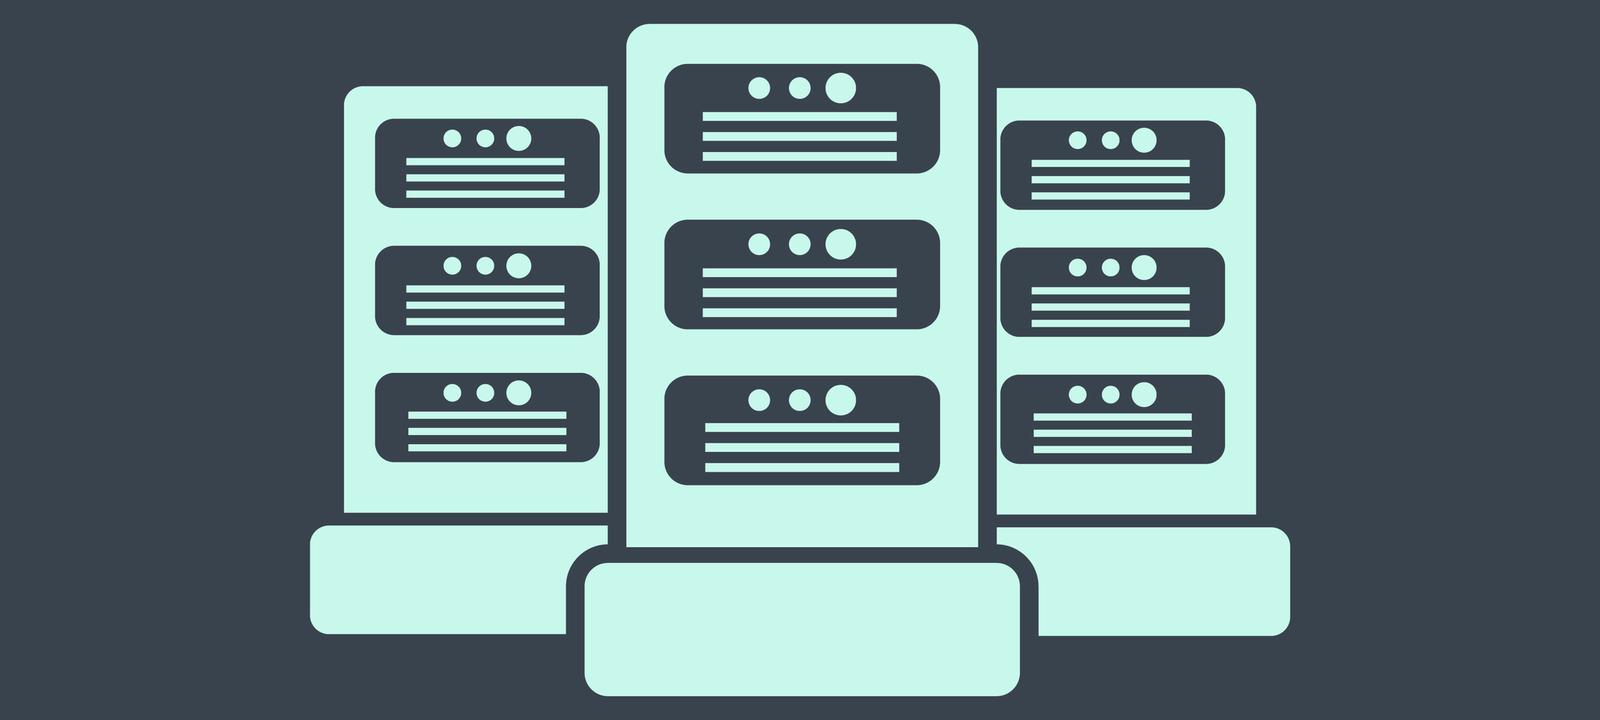 Сервера бесплатного дистанционного обучения учеба в польше после 9 класса для украинцев отзывы